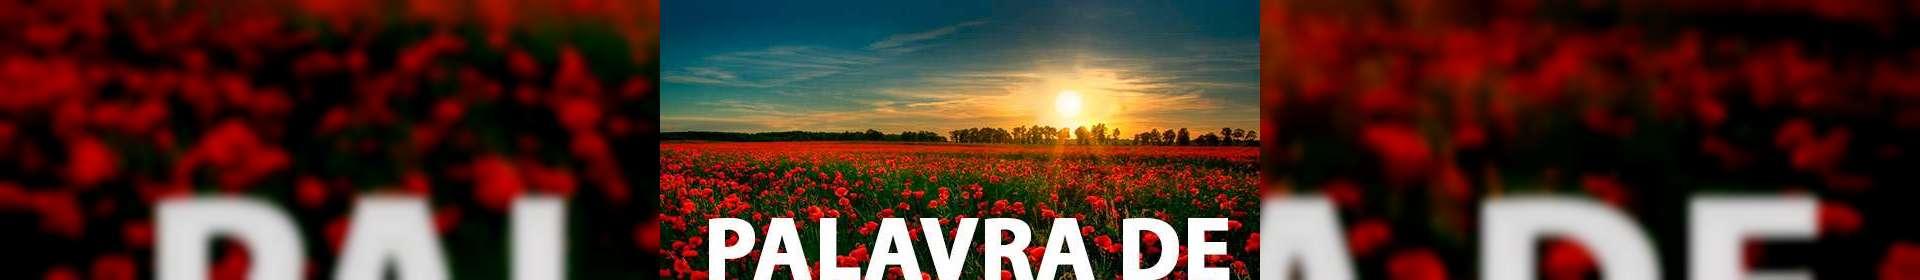 Salmos 122:1 - Uma Palavra de Esperança para sua vida